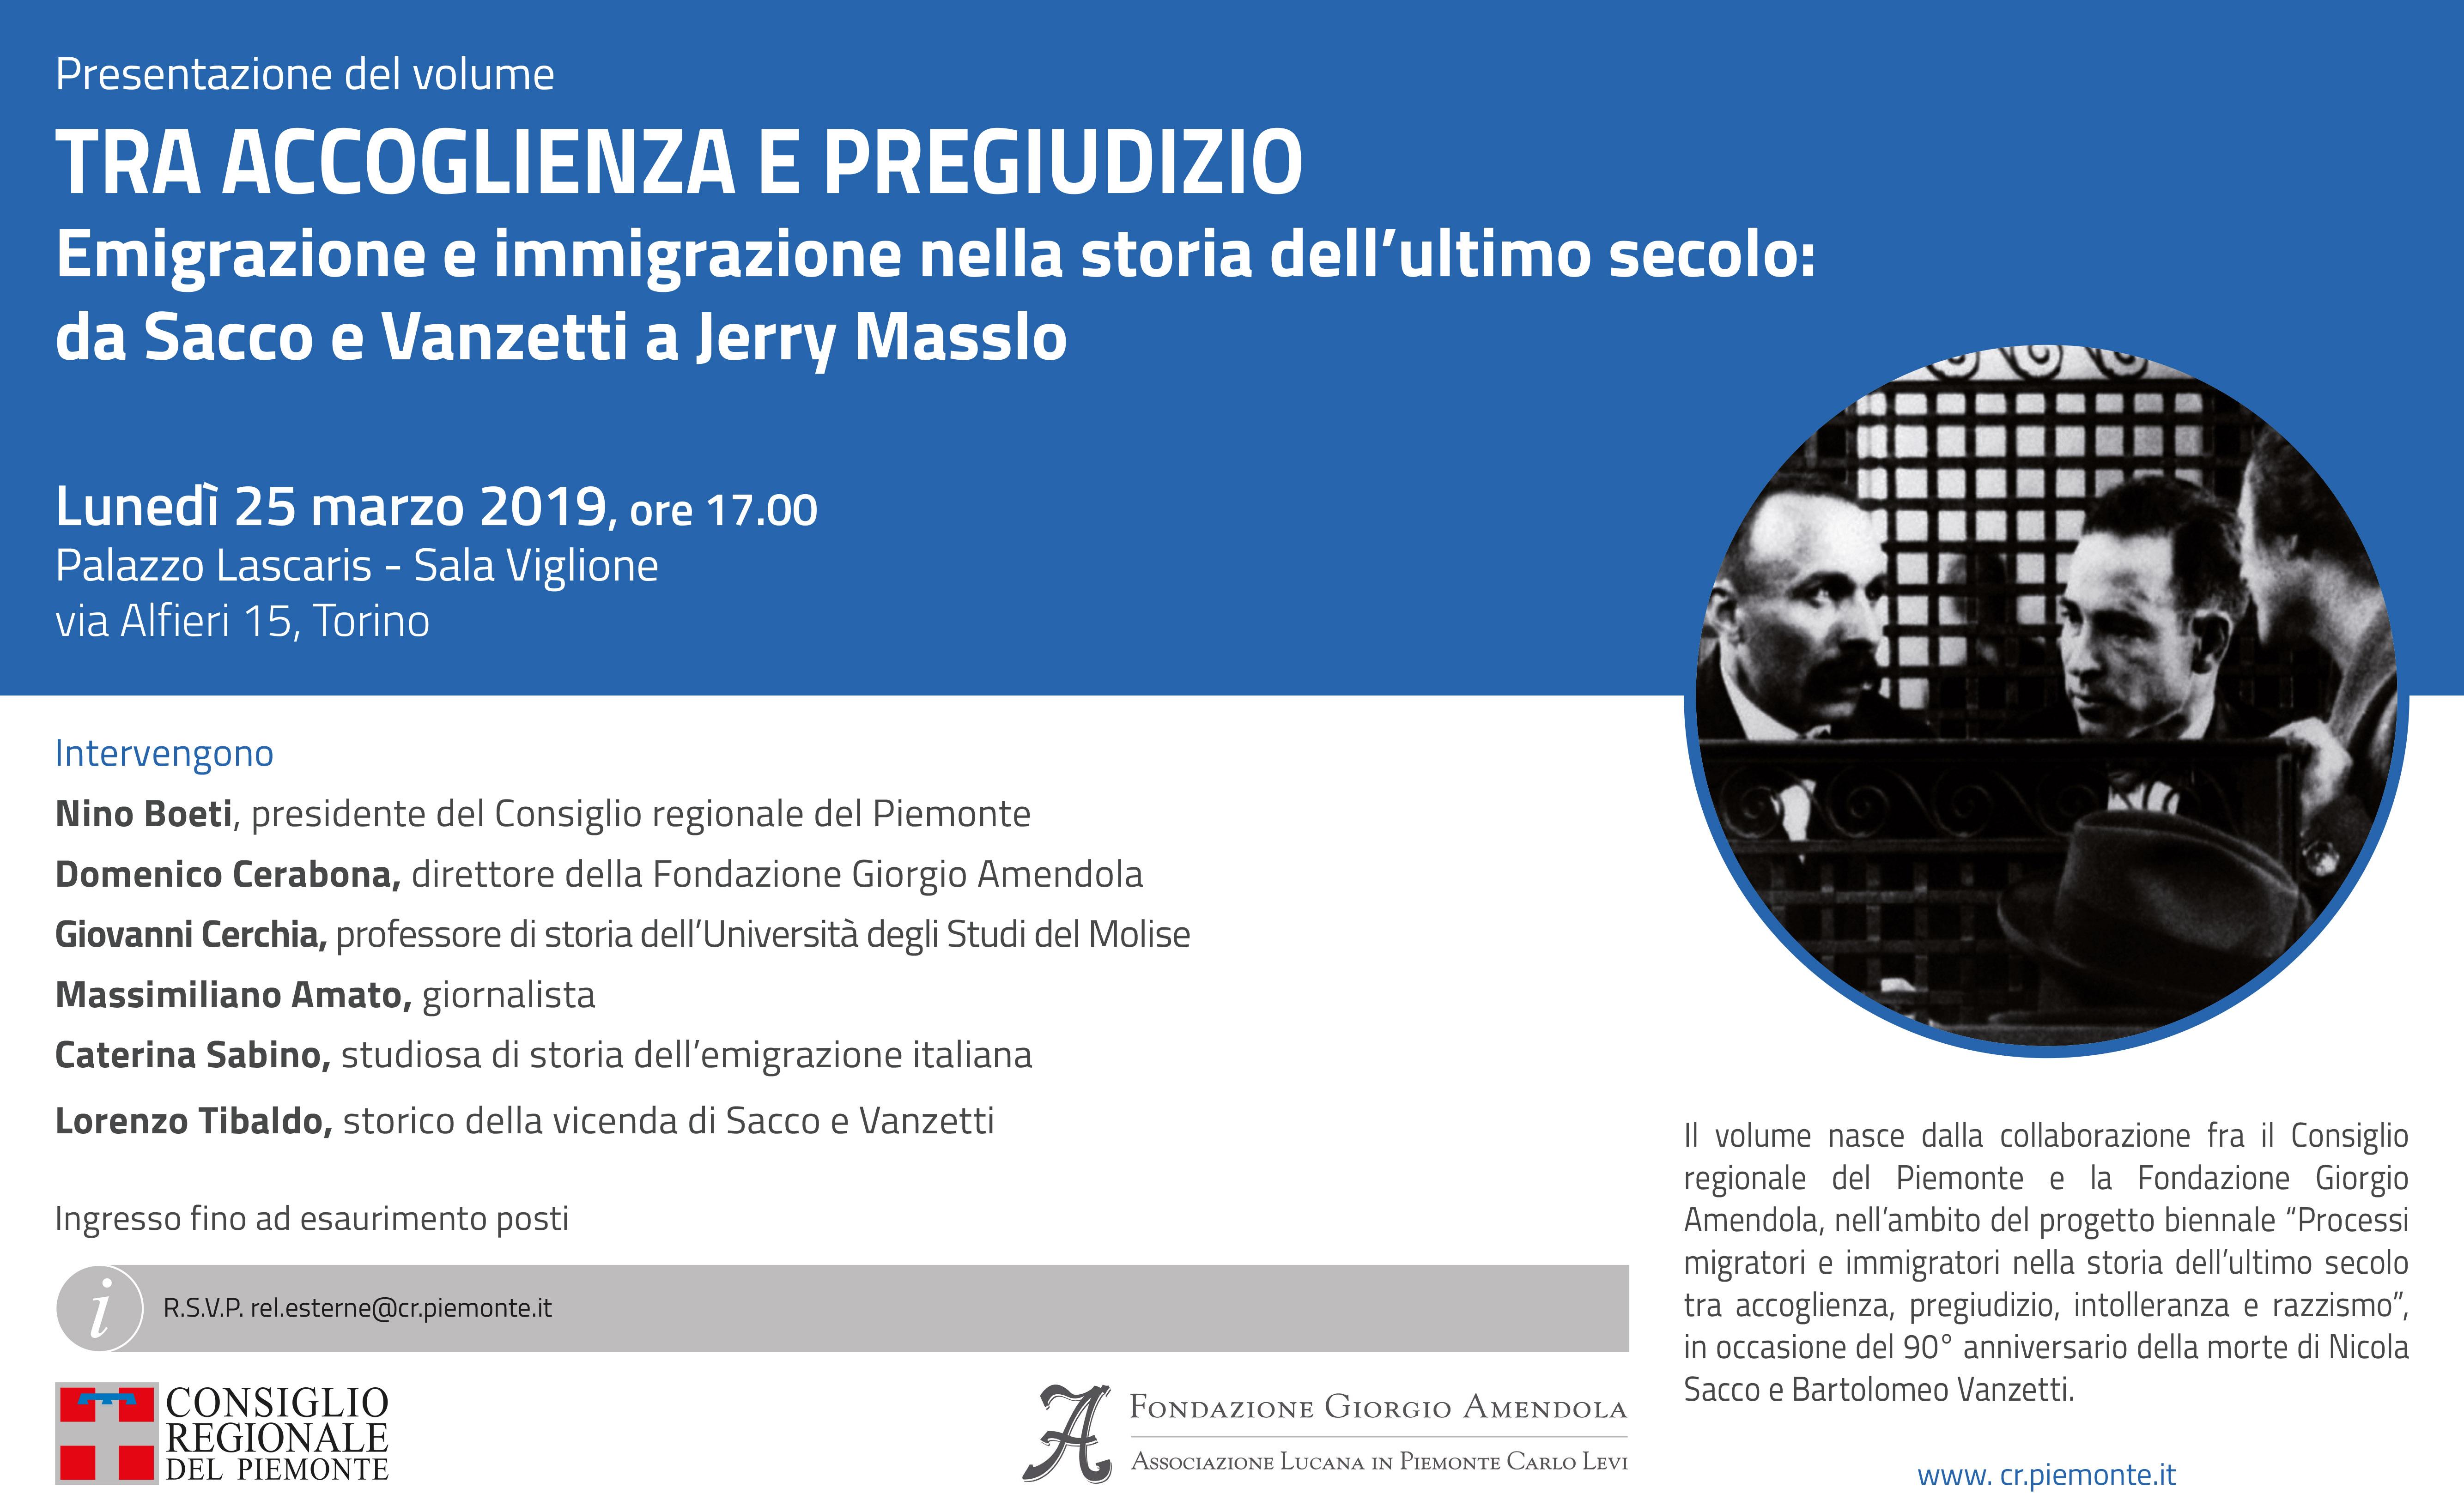 """Presentazione del libro """"Tra accoglienza e pregiudizio"""" 25 marzo 2019, ore 17,00 presso il Consiglio Regionale del Piemonte"""